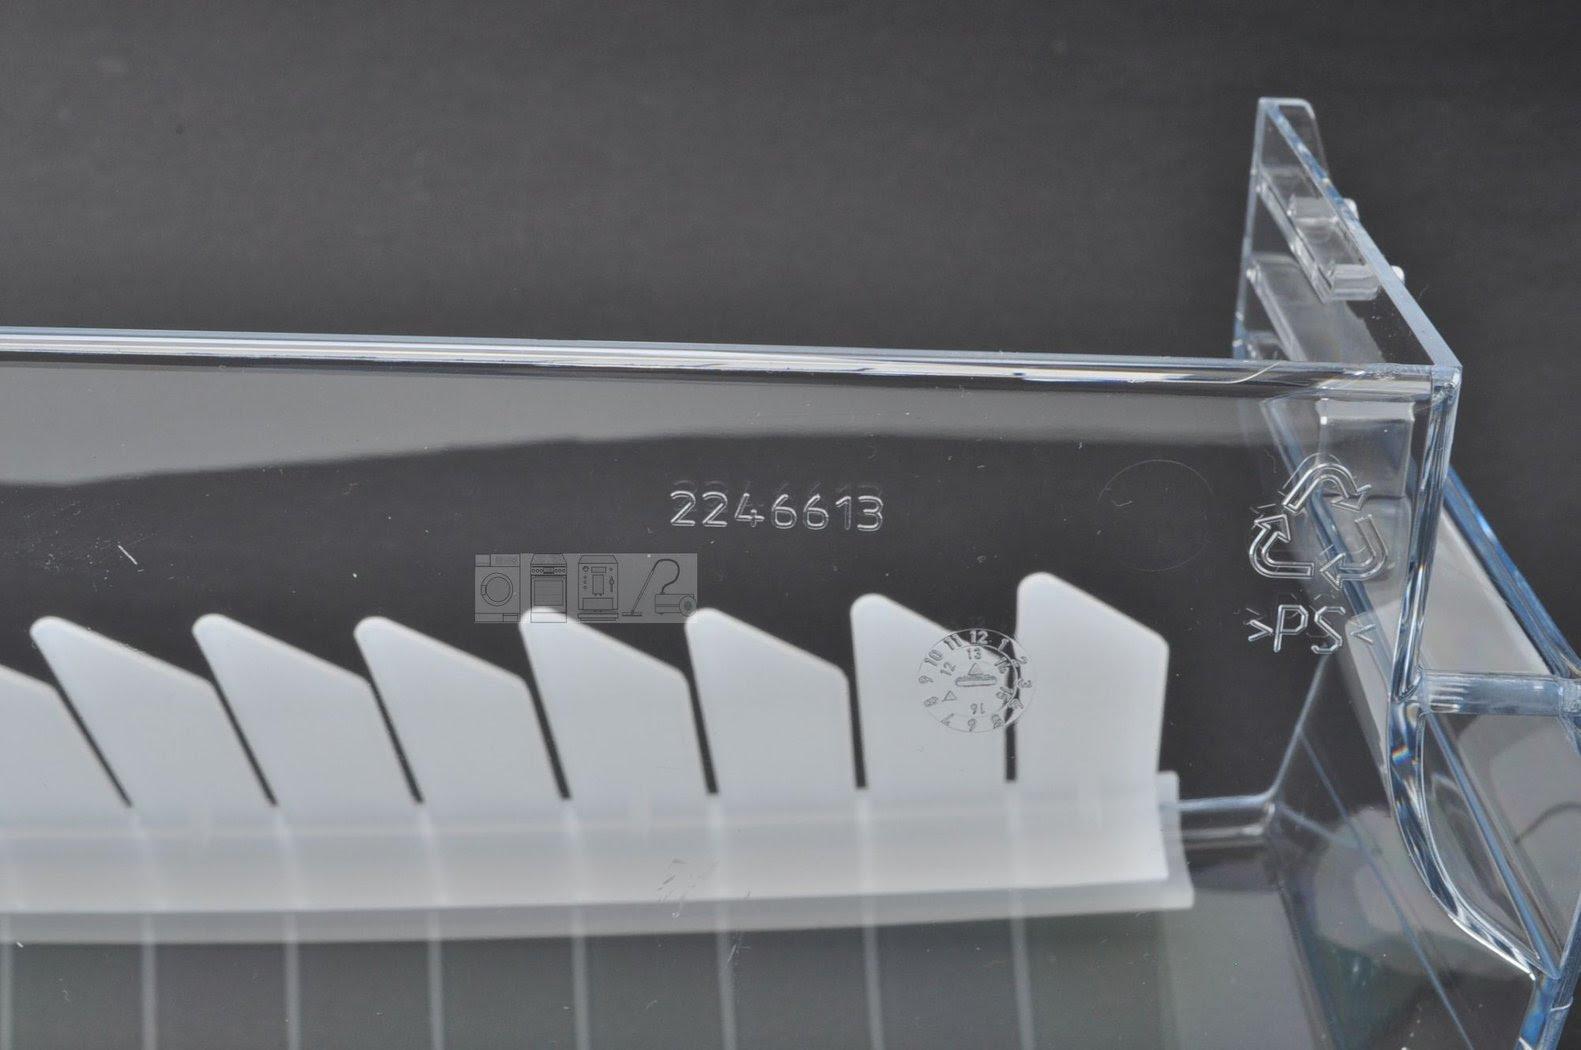 Kühlschrank Zubehör Samsung : Samsung kühlschrank zubehör flaschenhalter siemens flaschenhalter